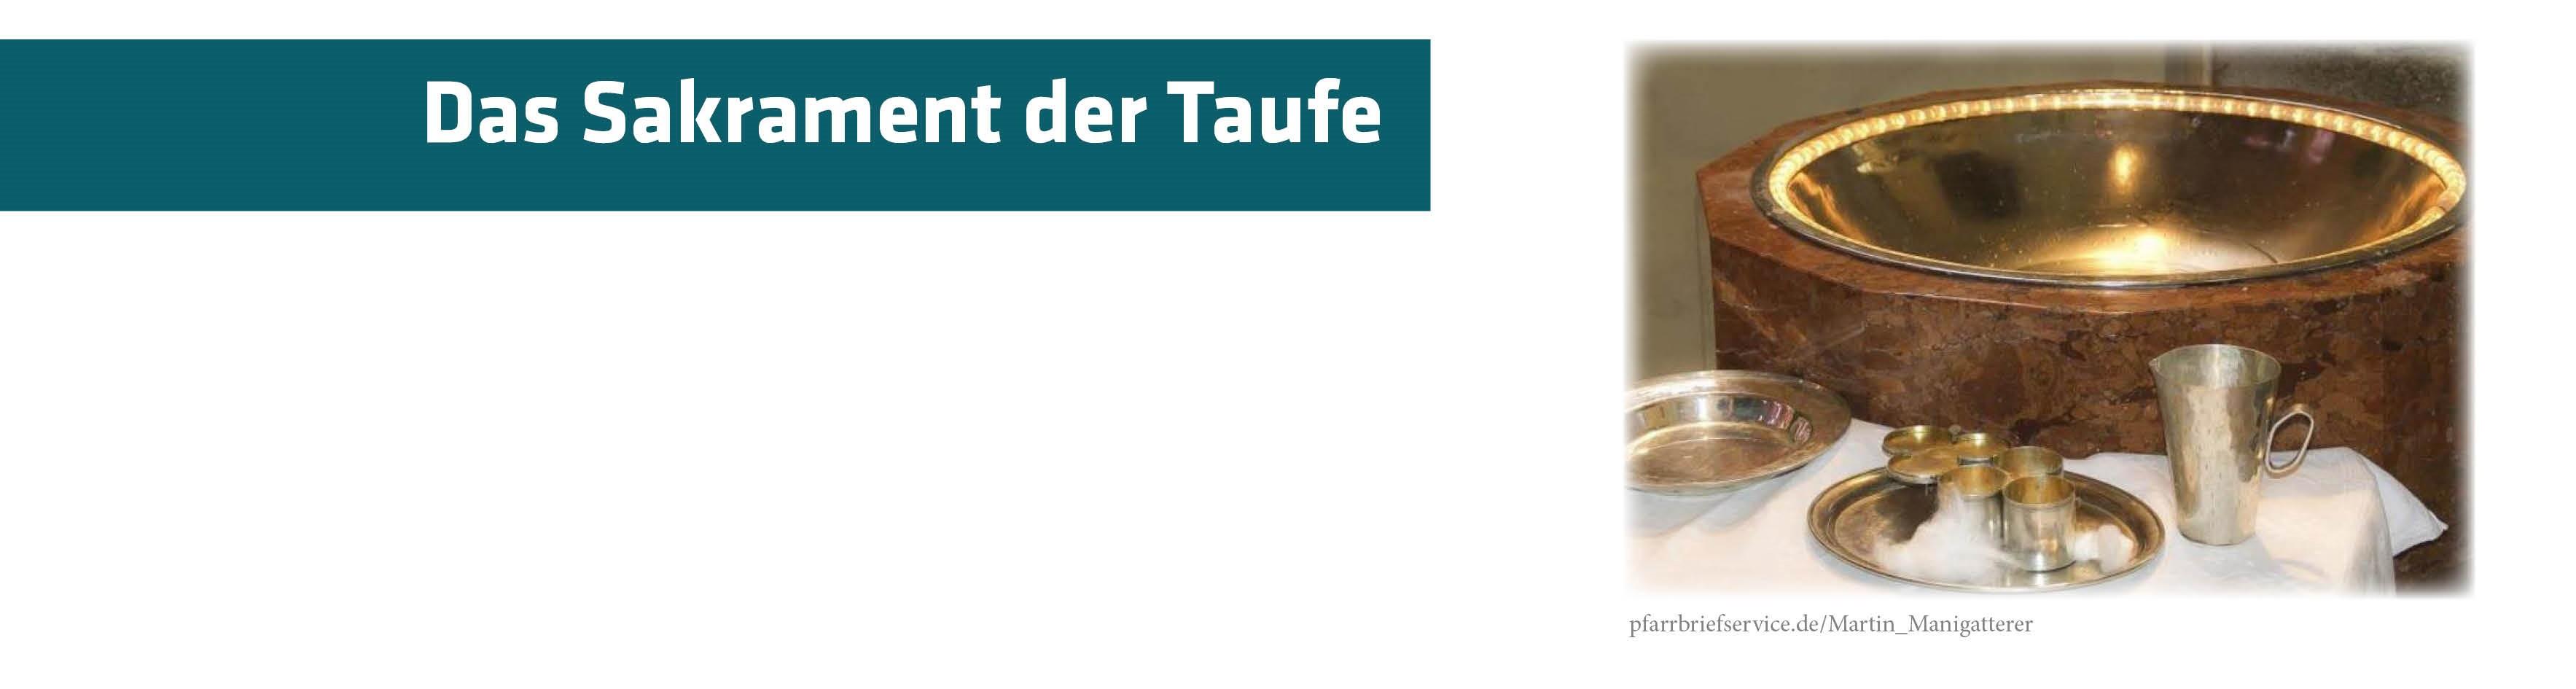 Taufe_cut